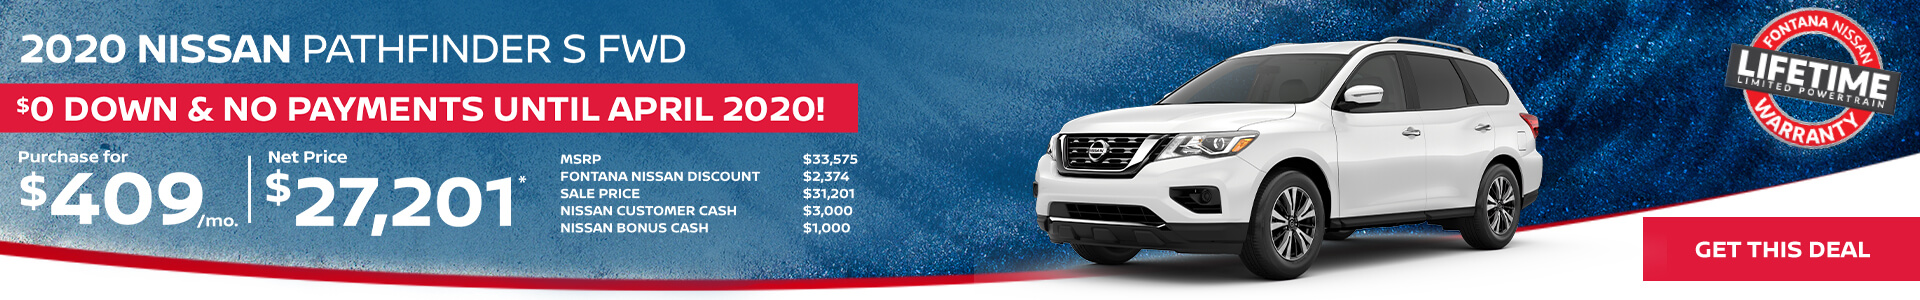 Nissan Pathfinder $409